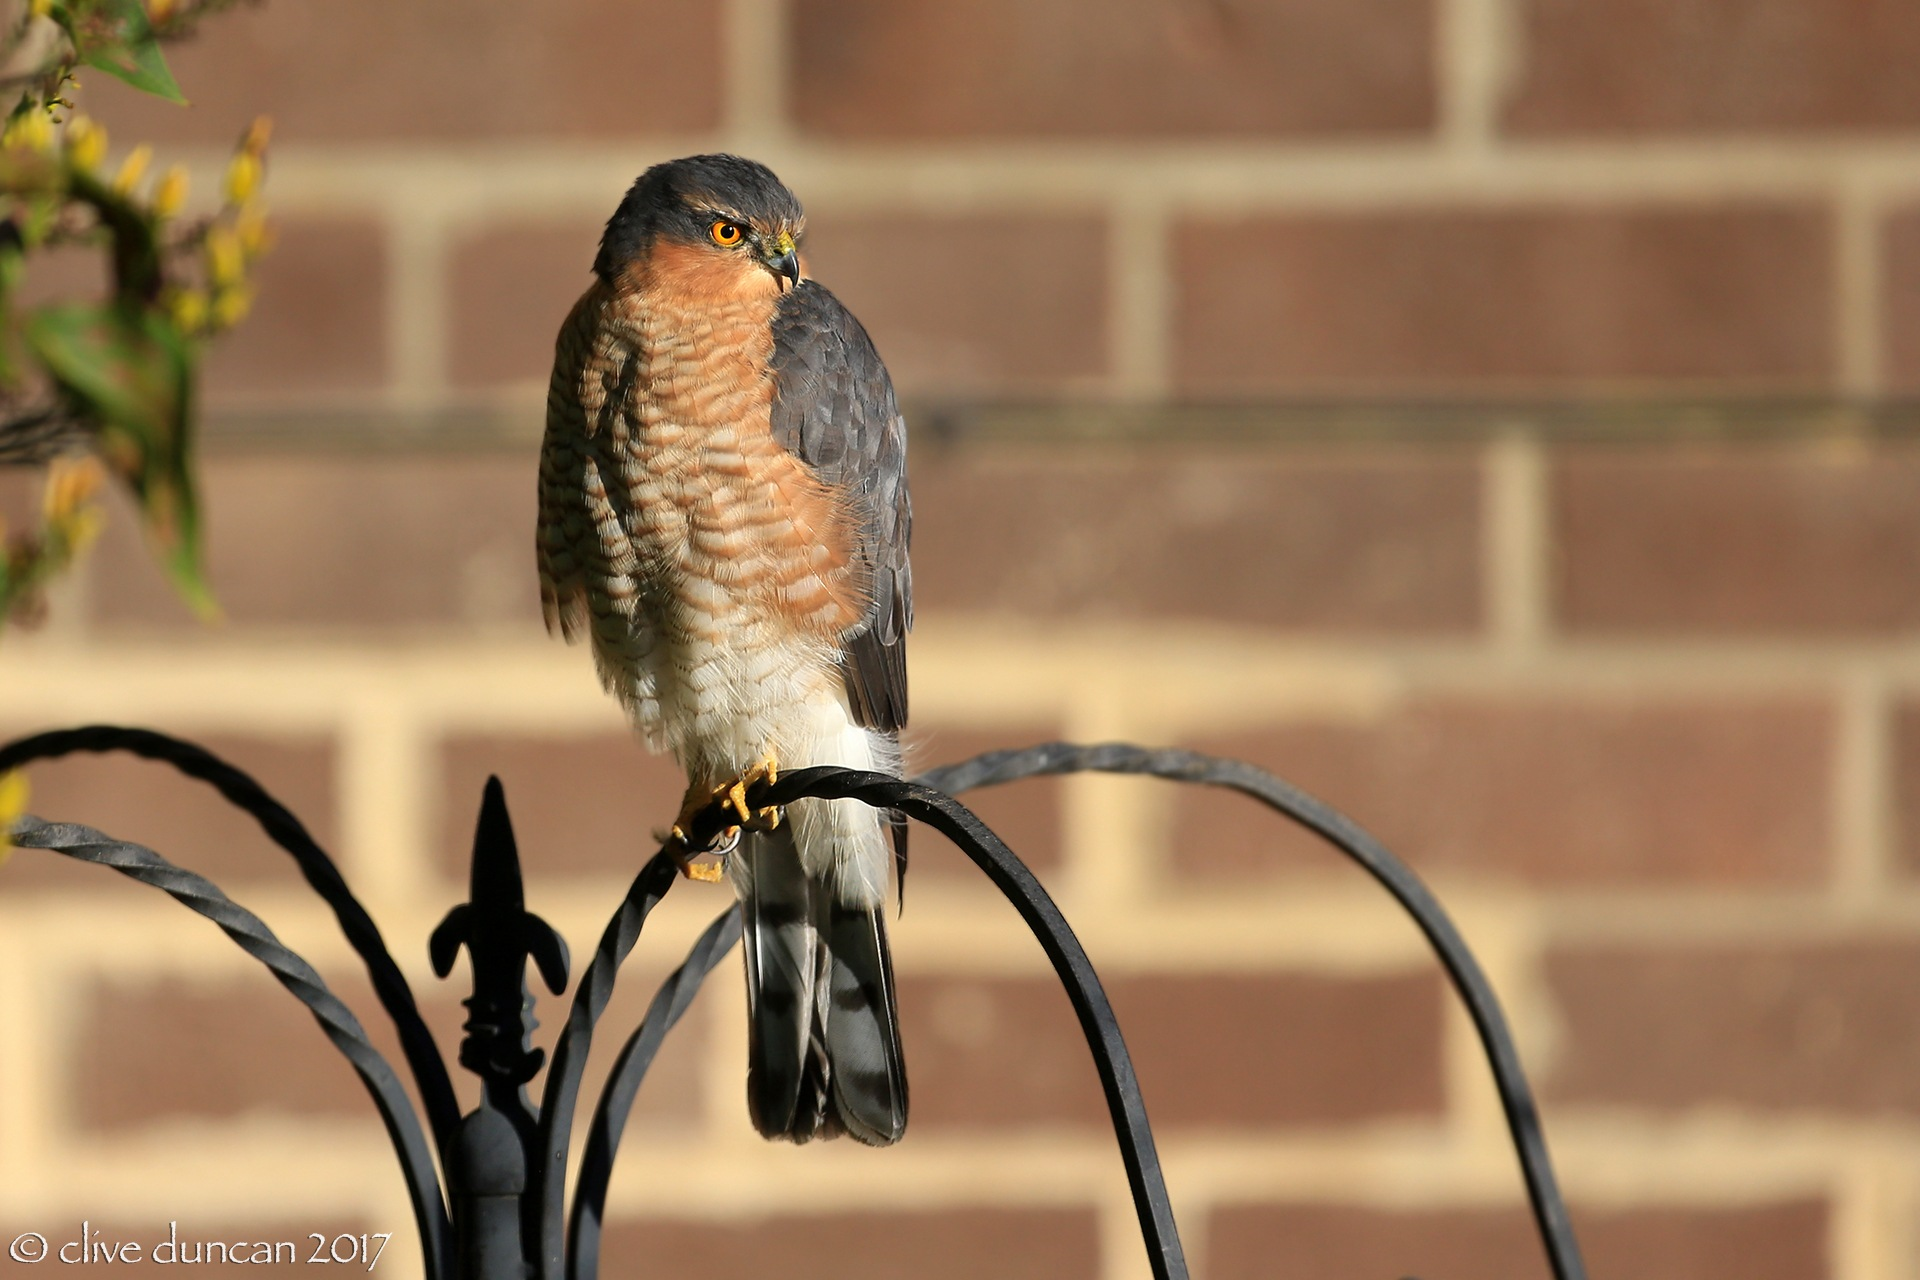 Sparrowhawk by geordiepix